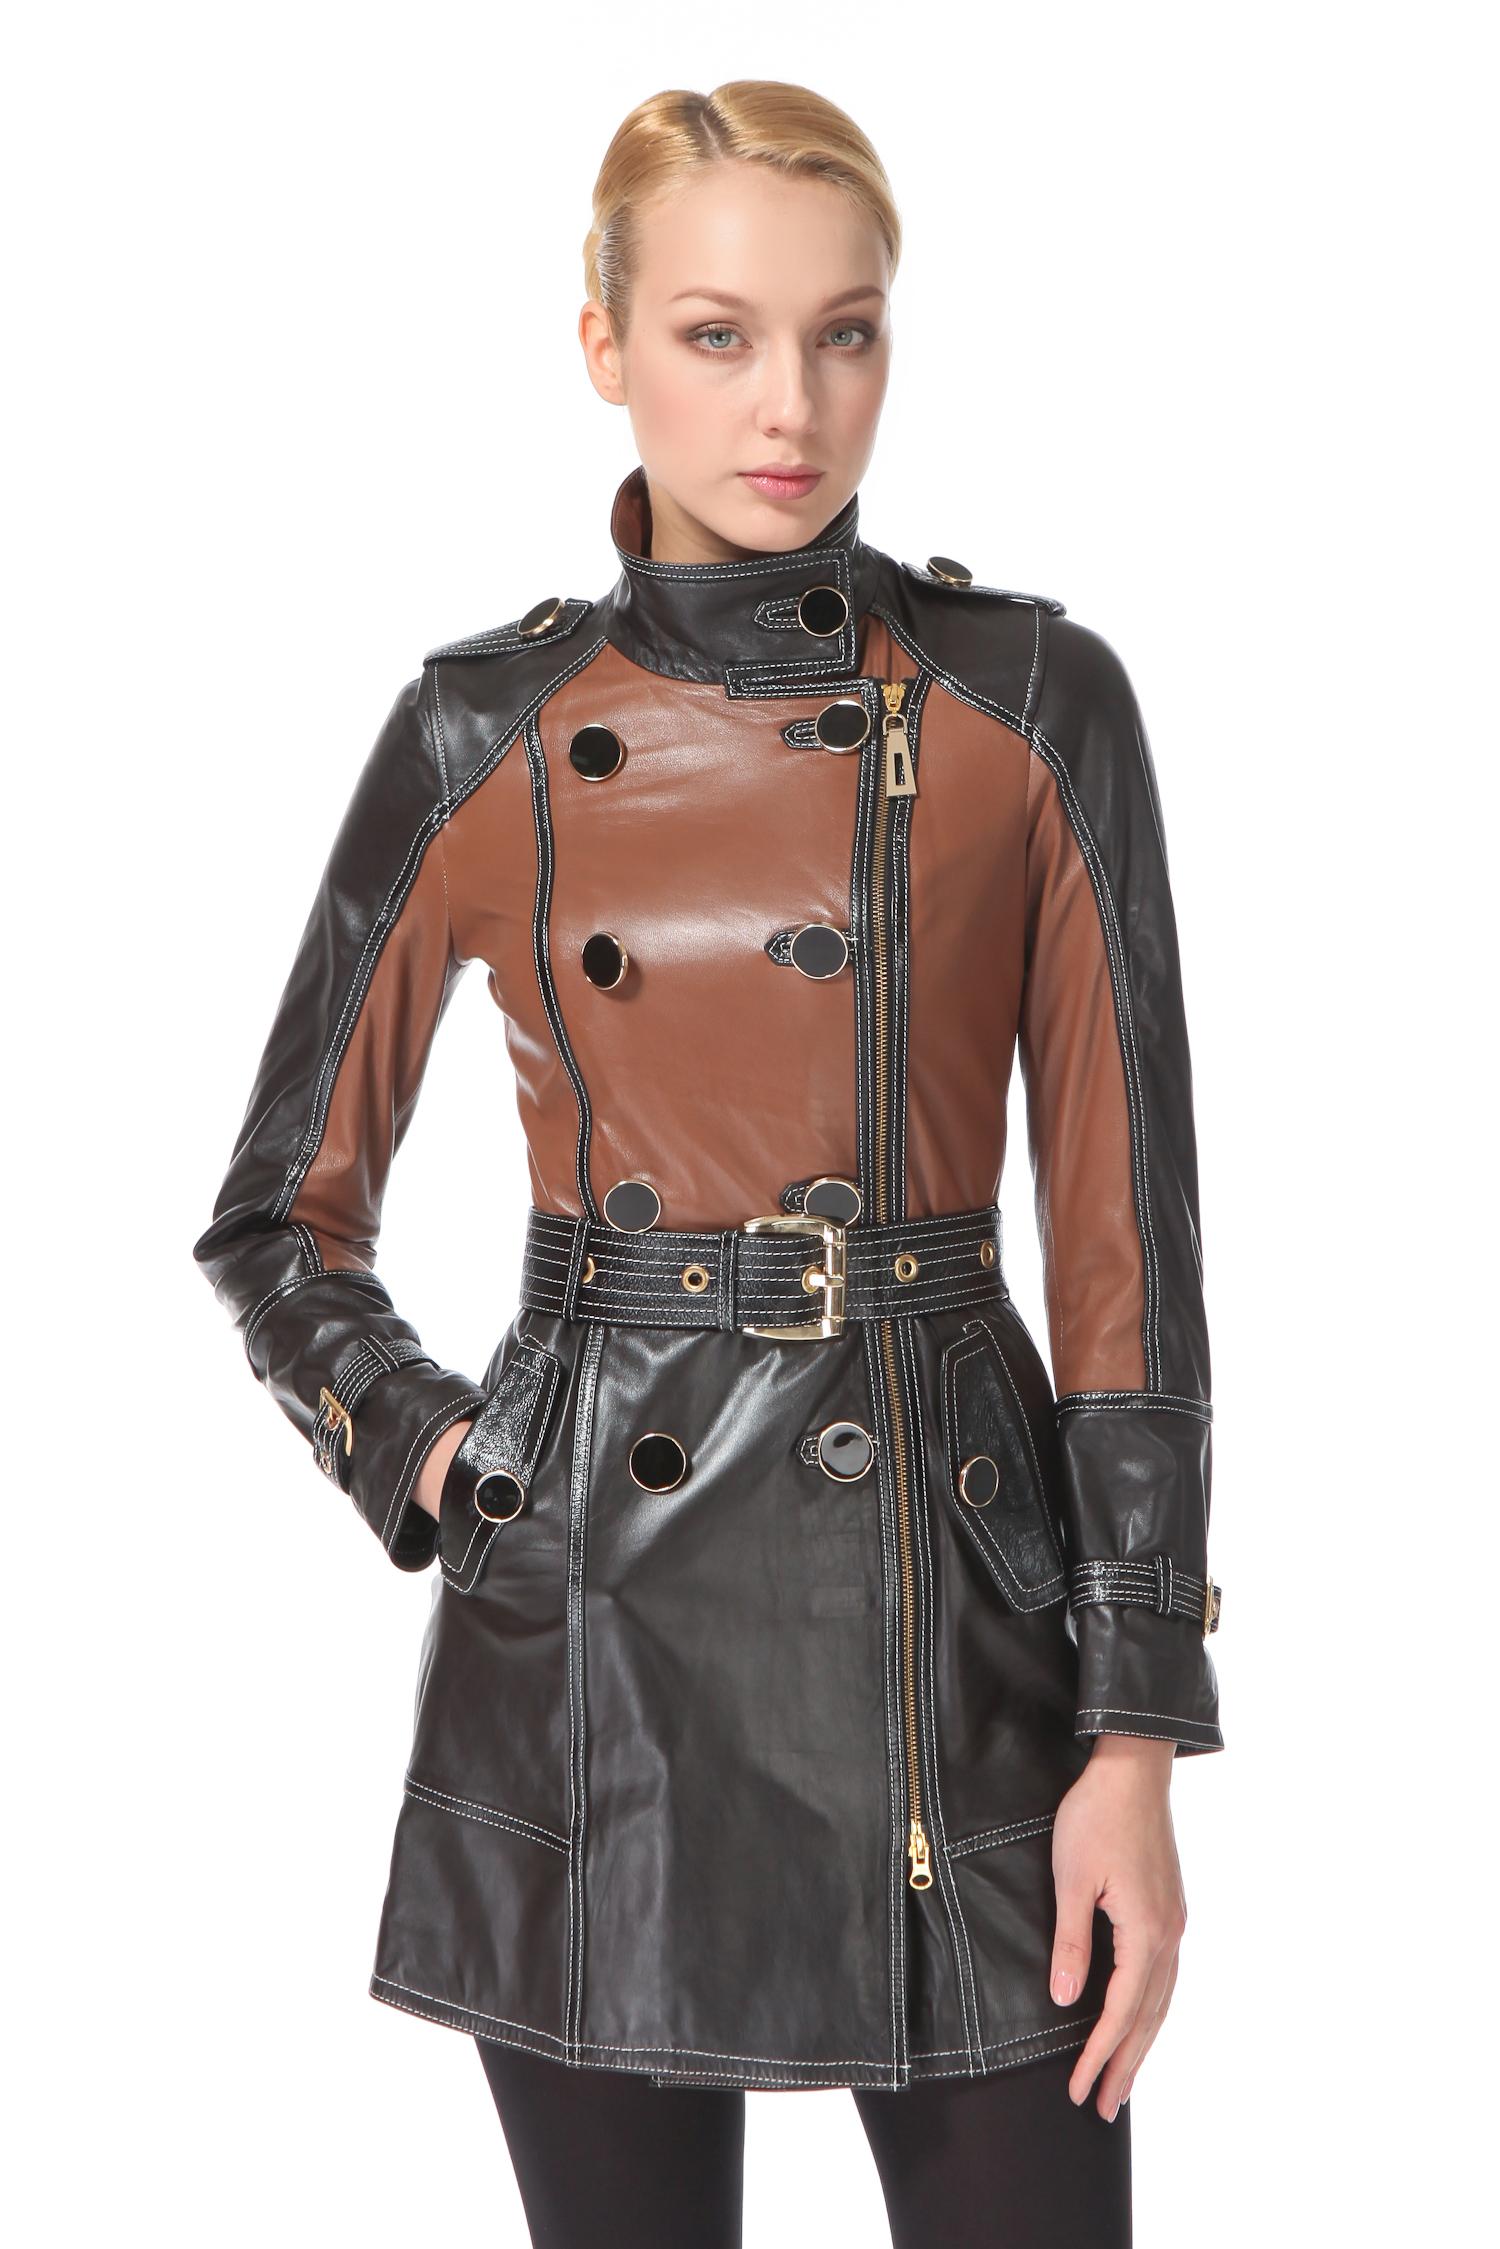 Женское кожаное пальто из натуральной кожи с воротником, без отделки<br><br>Воротник: Стойка<br>Длина см: 80<br>Материал: Натуральная кожа<br>Цвет: Коричневый<br>Пол: Женский